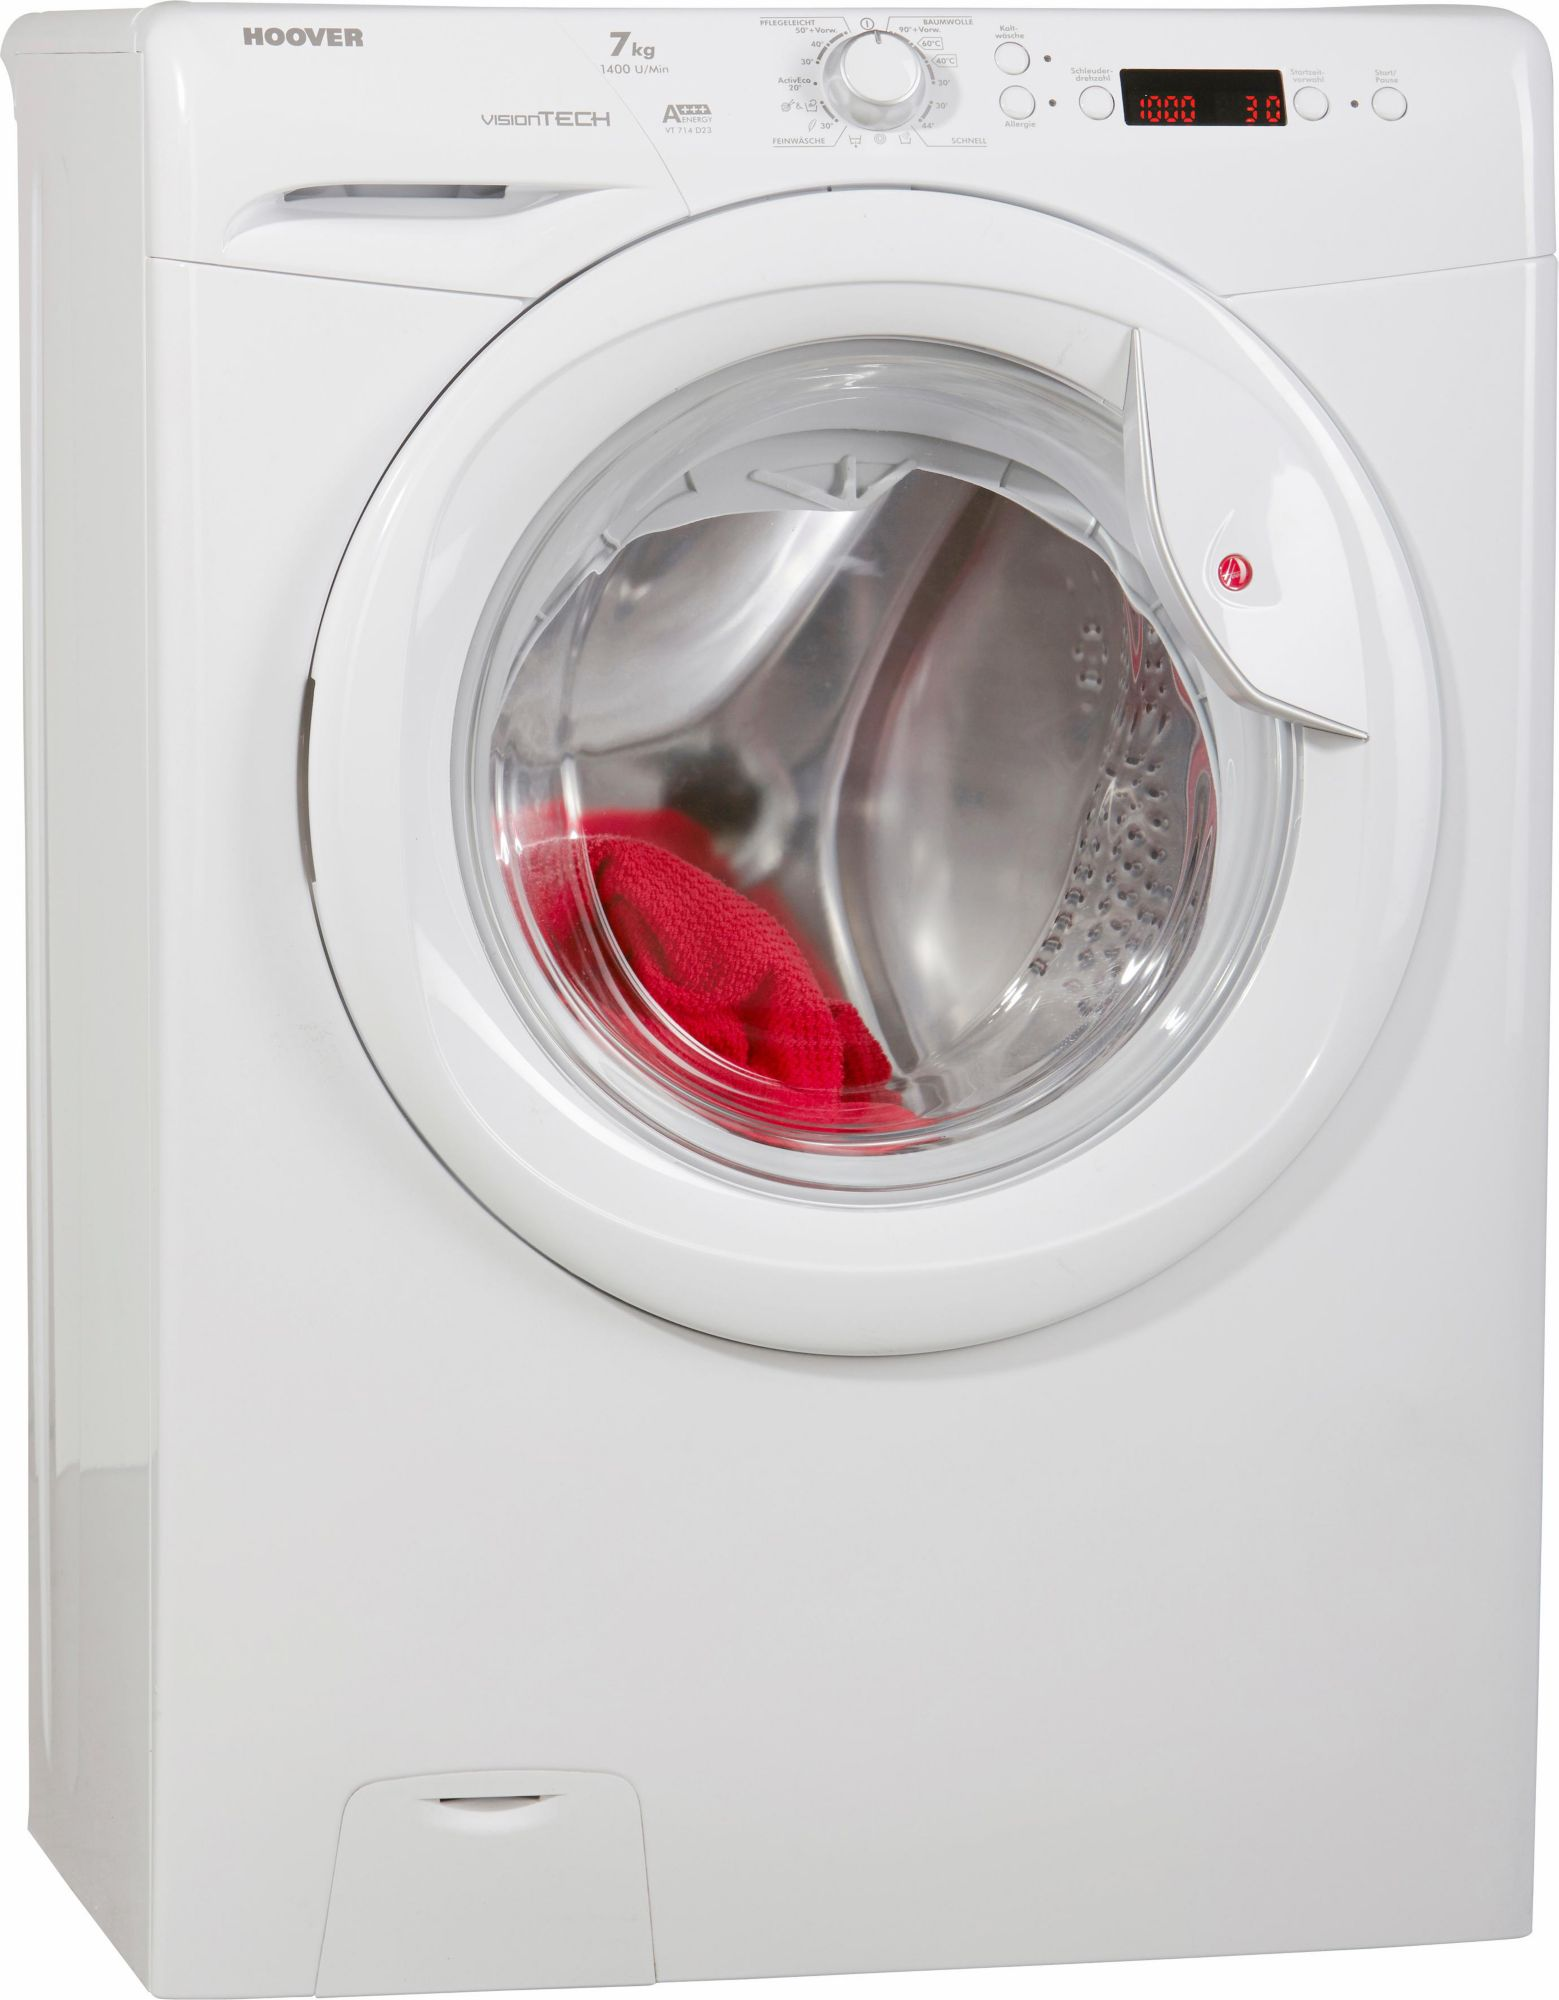 hoover waschmaschine visiontech vt 714 d23 a 7 kg 1400 u min schwab versand frontlader. Black Bedroom Furniture Sets. Home Design Ideas